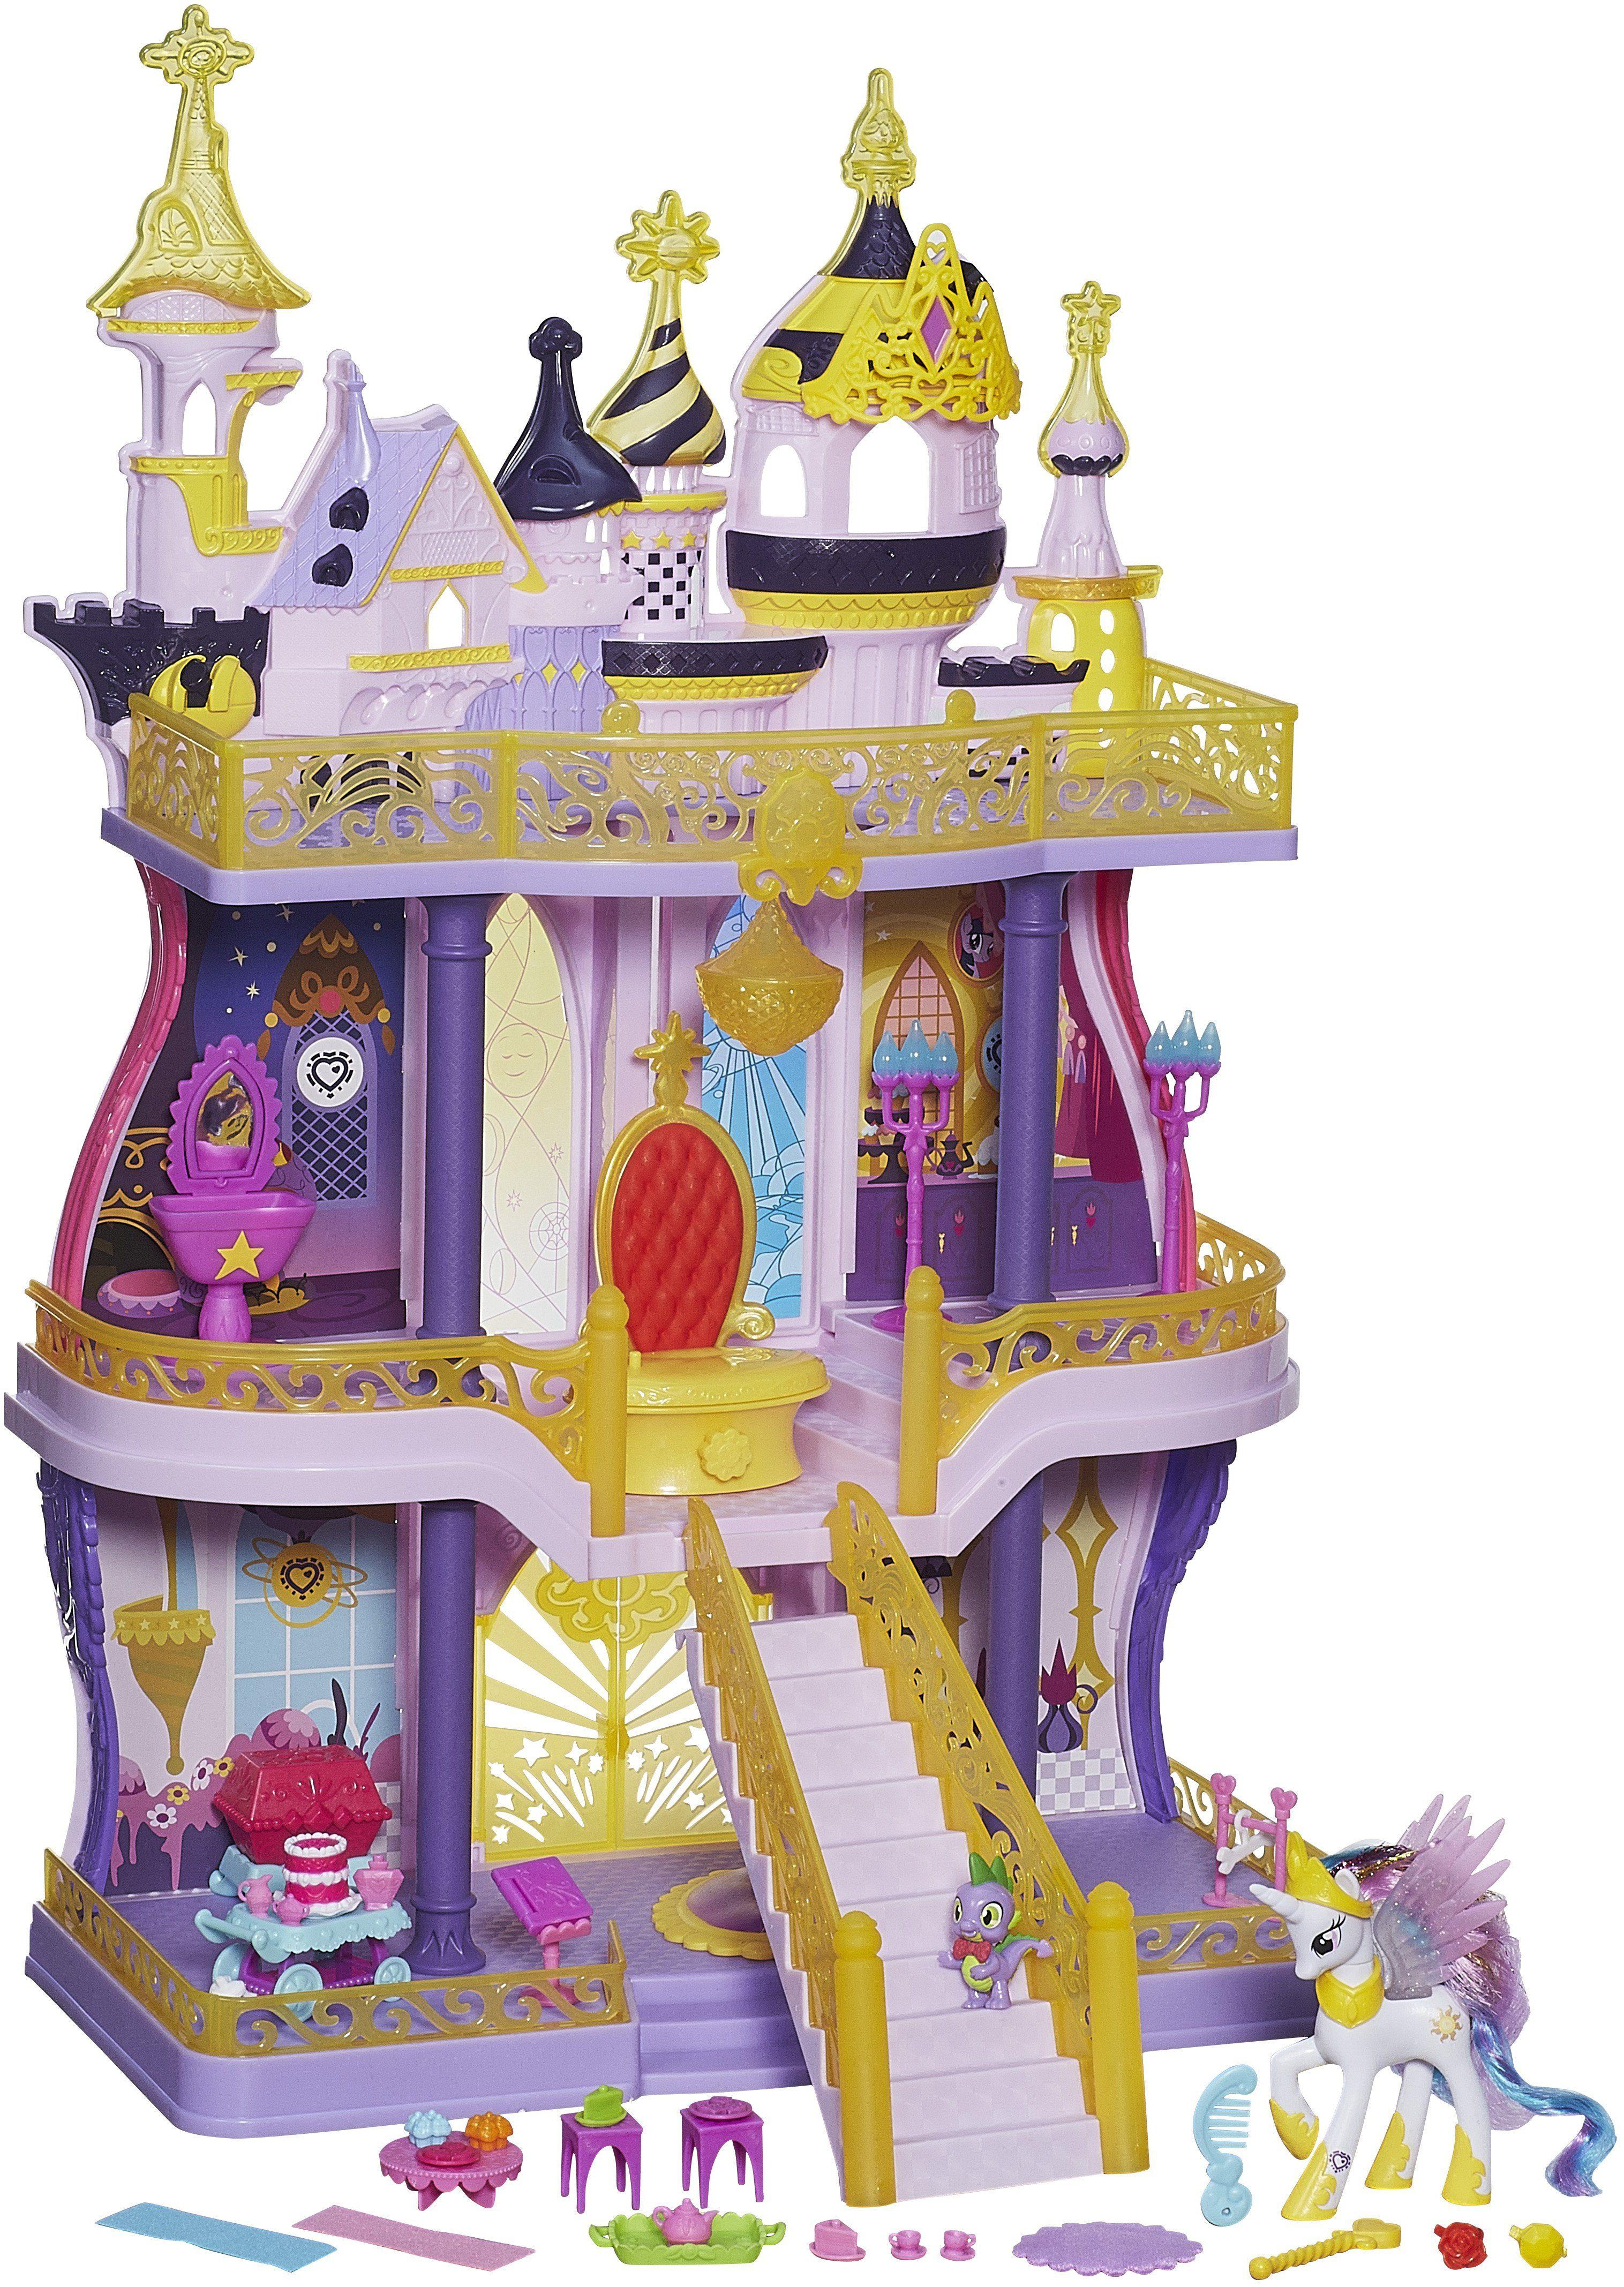 Hasbro Set, »My Little Pony, Magisches Canterlot Schloss + Gratis Leuchtprinzessinnen«